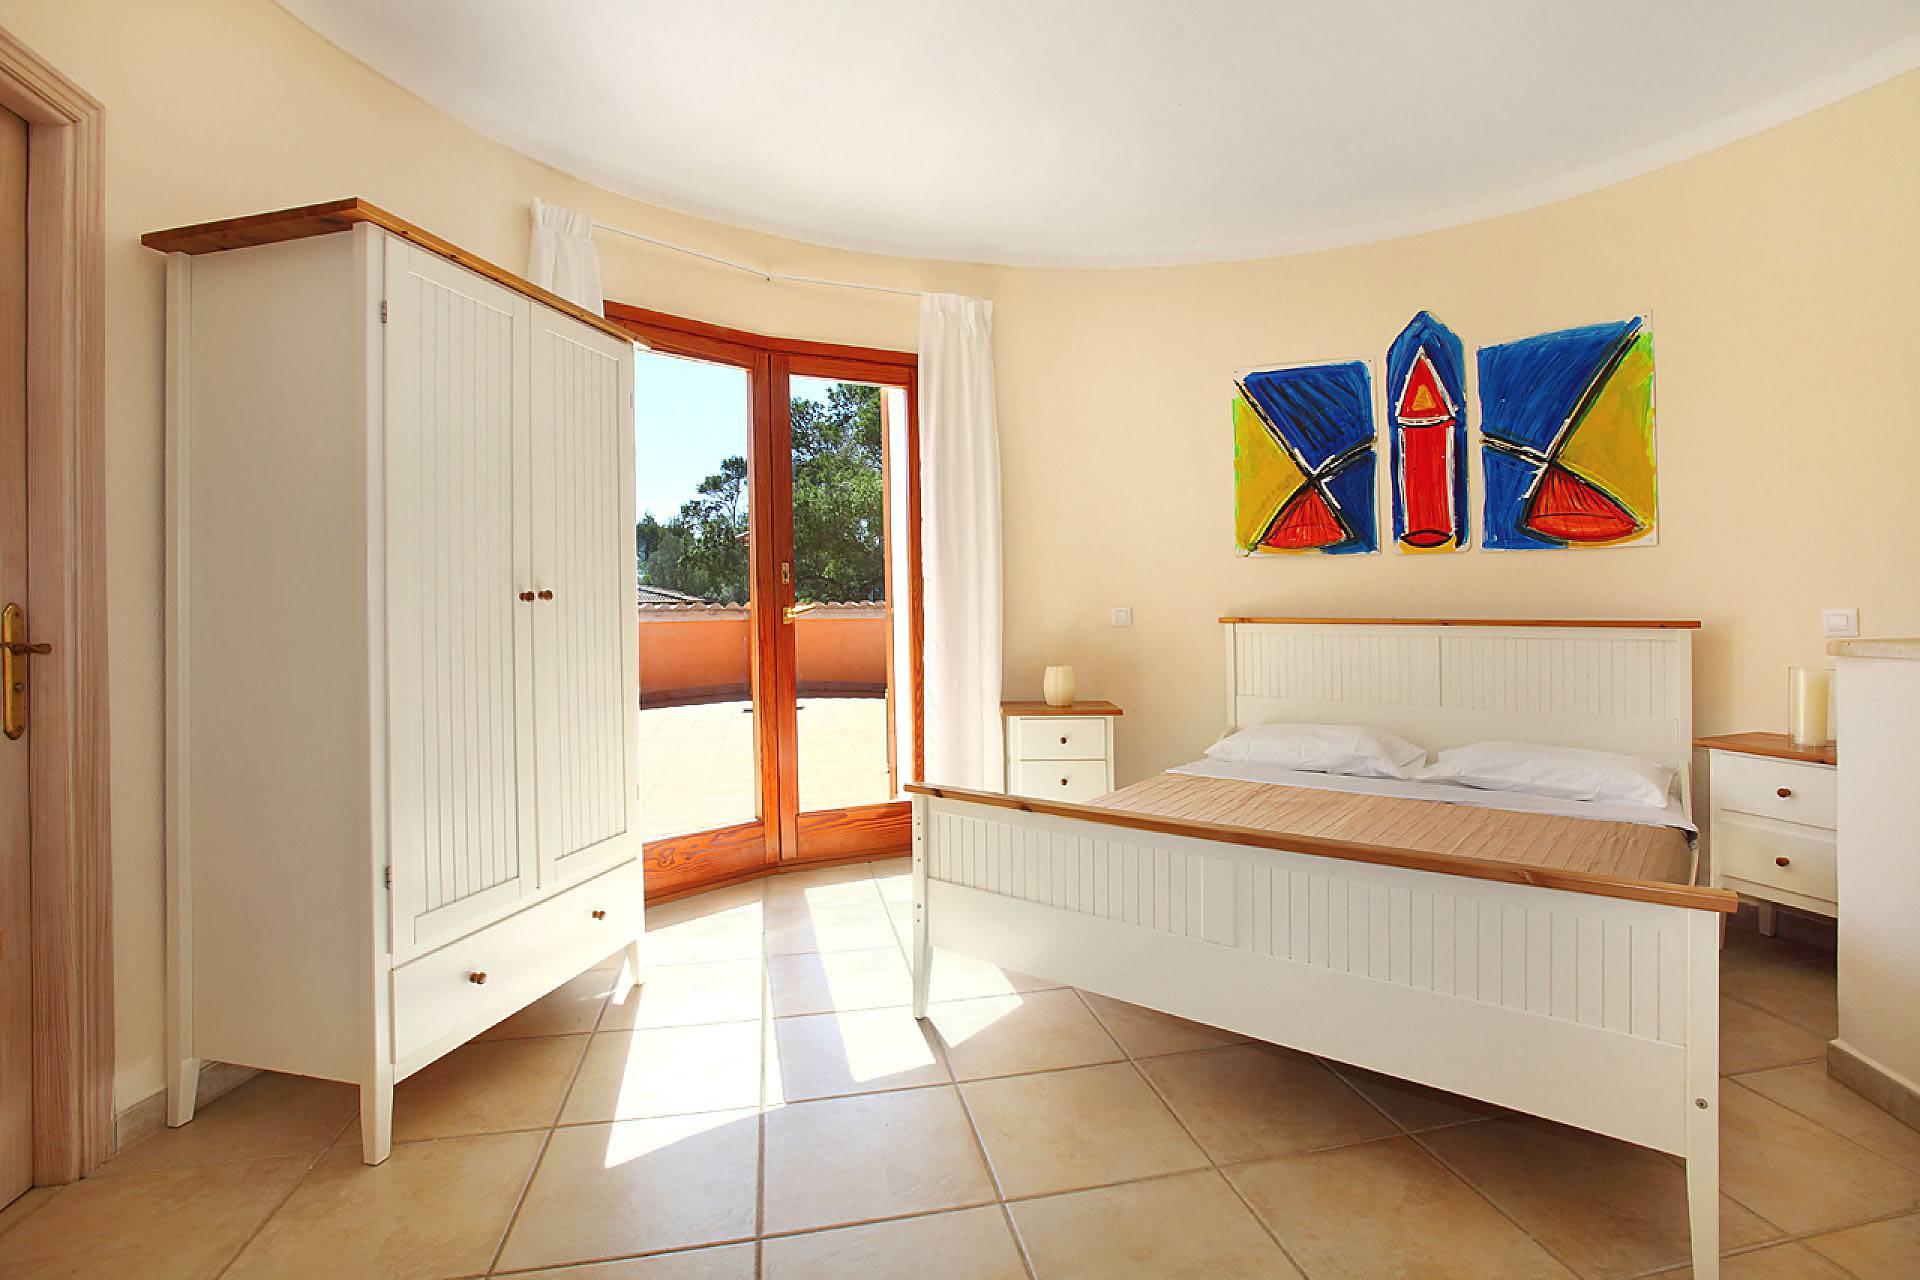 01-174 Gemütliches Ferienhaus Mallorca Süden Bild 25